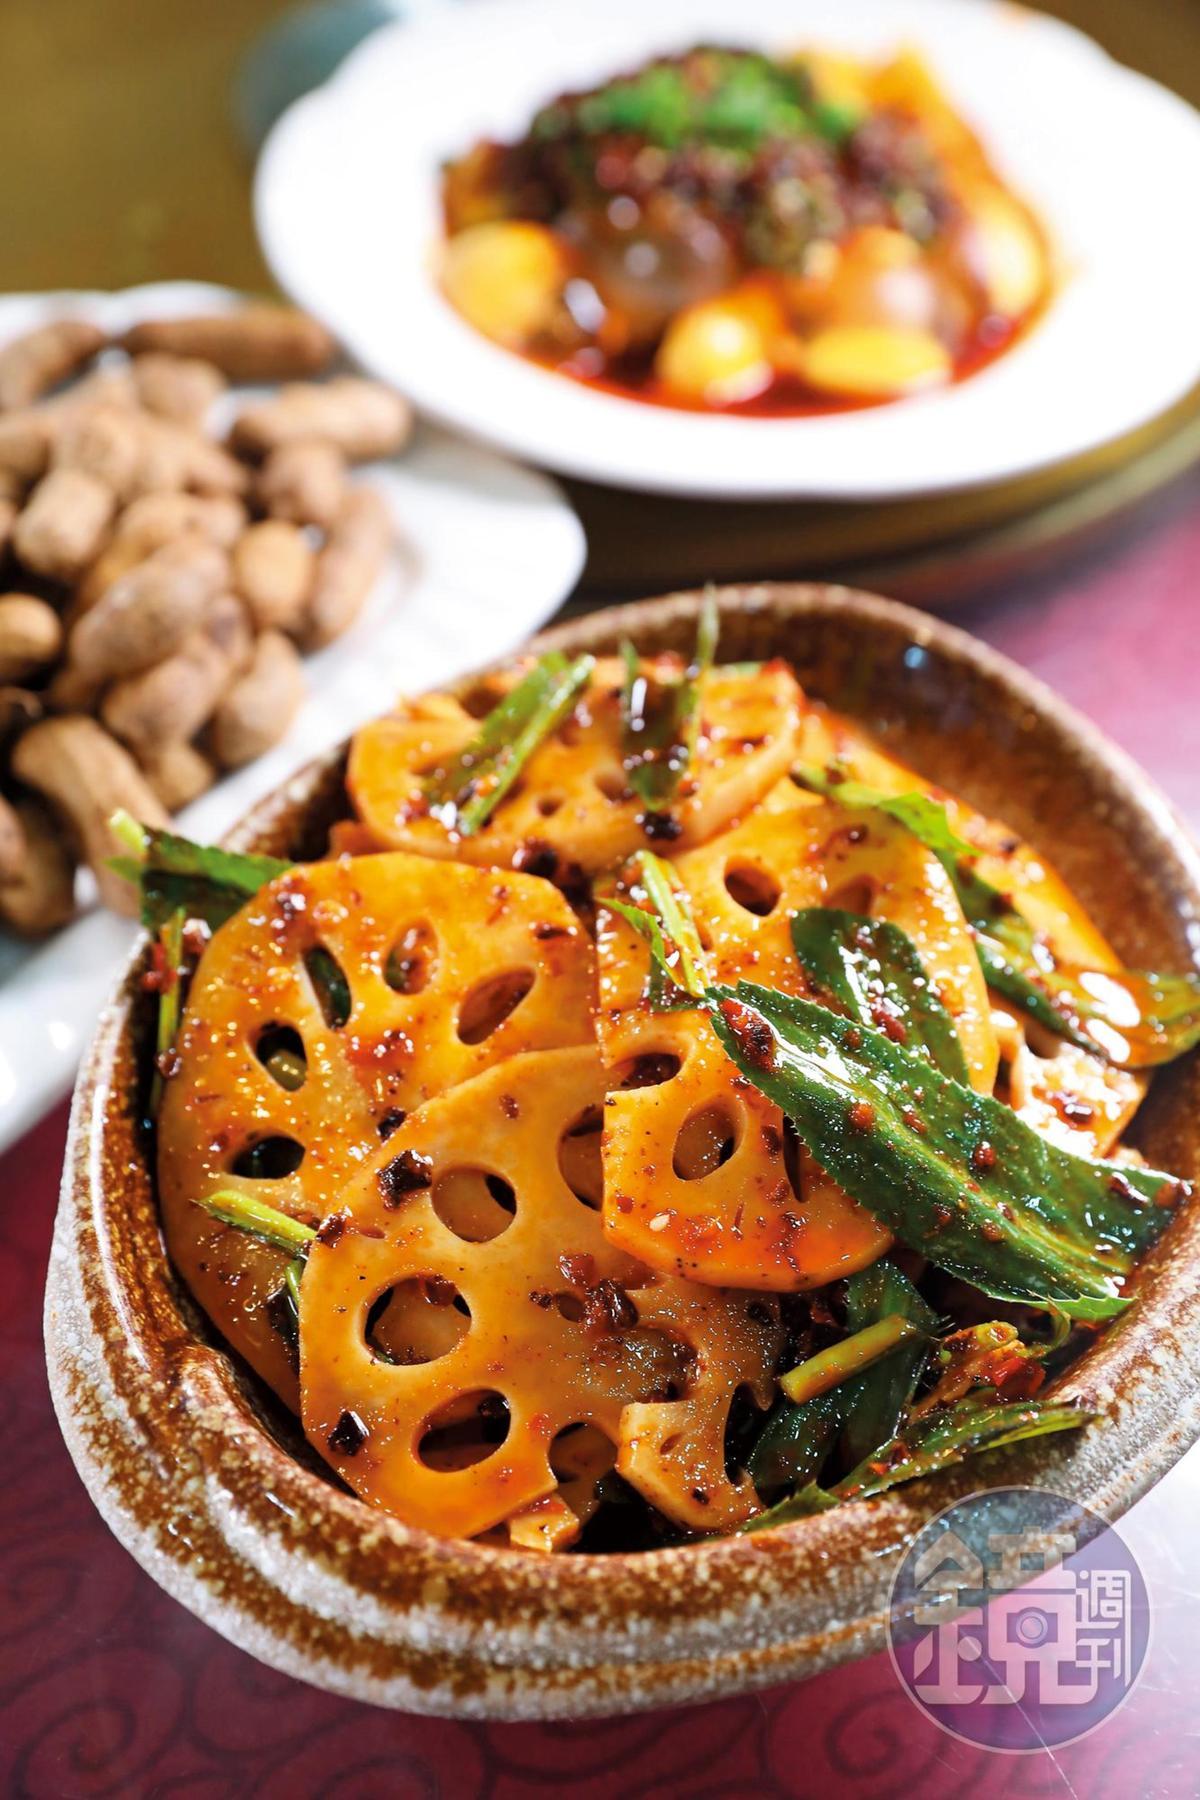 老媽蹄花的涼菜也很精彩,「大葉香菜拌藕」香辣夠味。(人民幣18元/份,約NT$73)